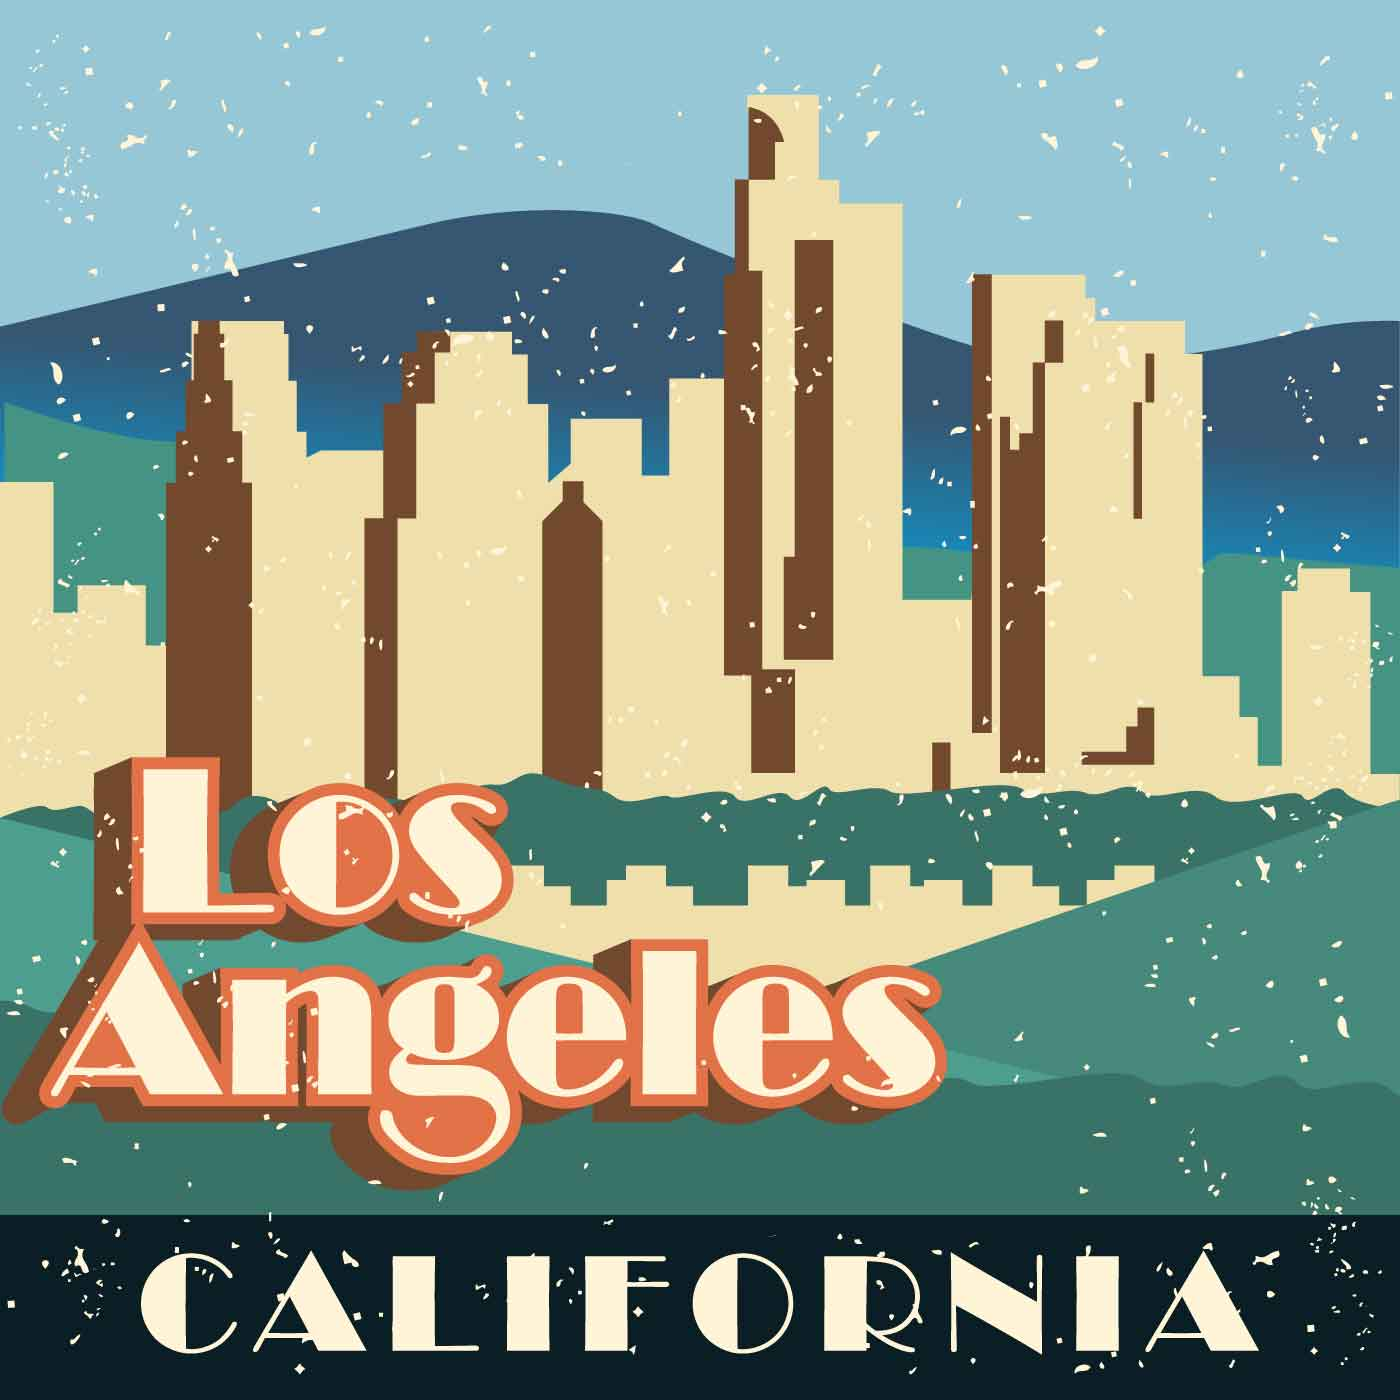 Hisaya Los Angeles: Vintage Los Angeles Illustration